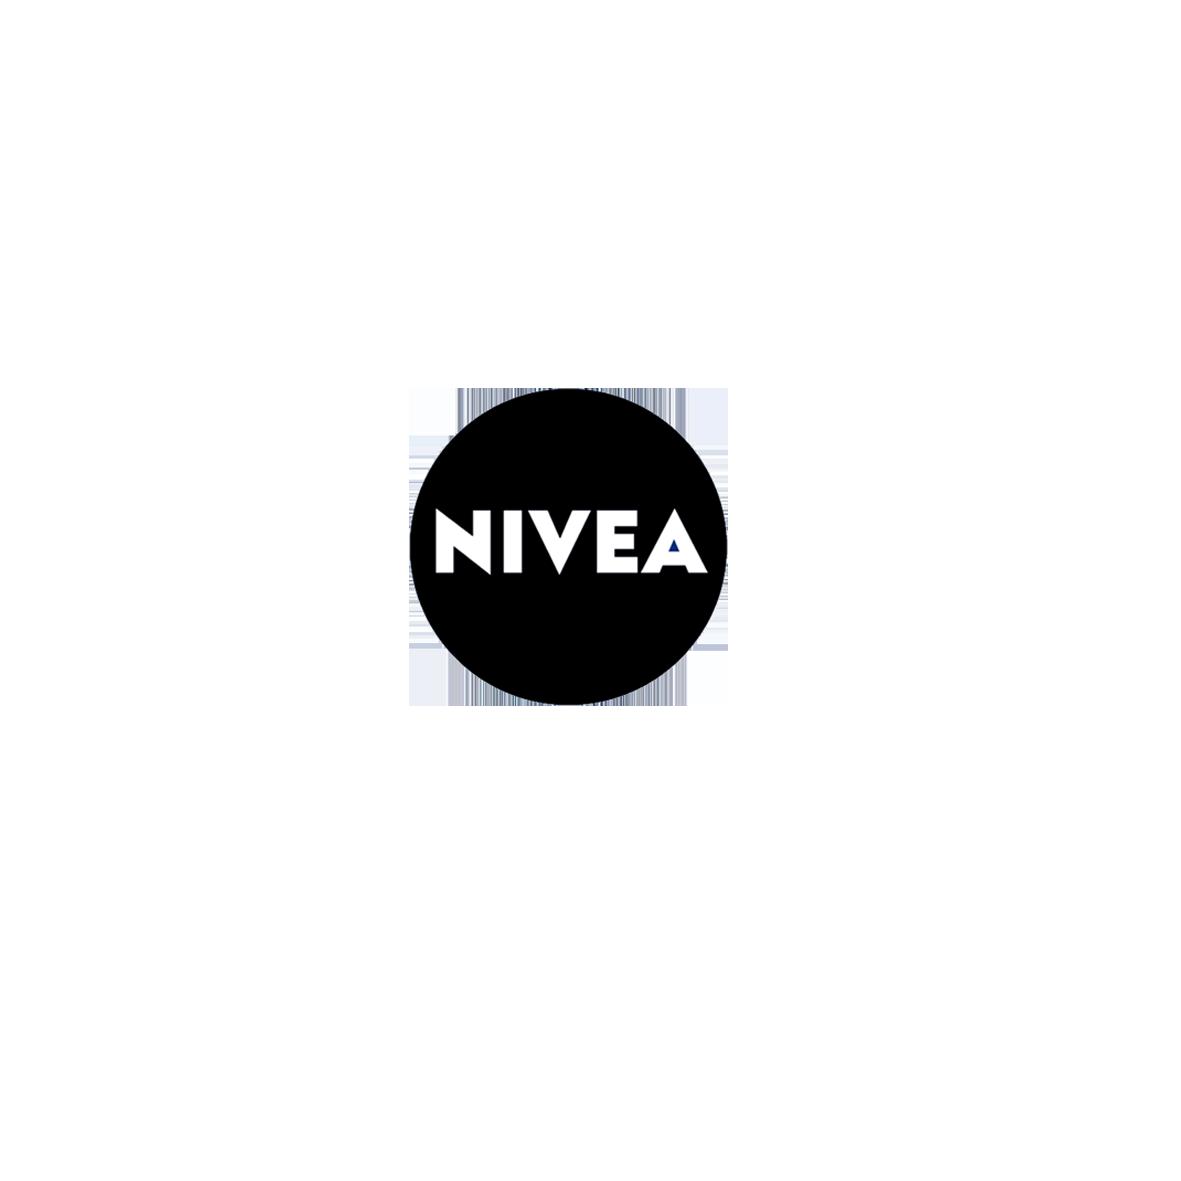 Nivea-new-#2.png